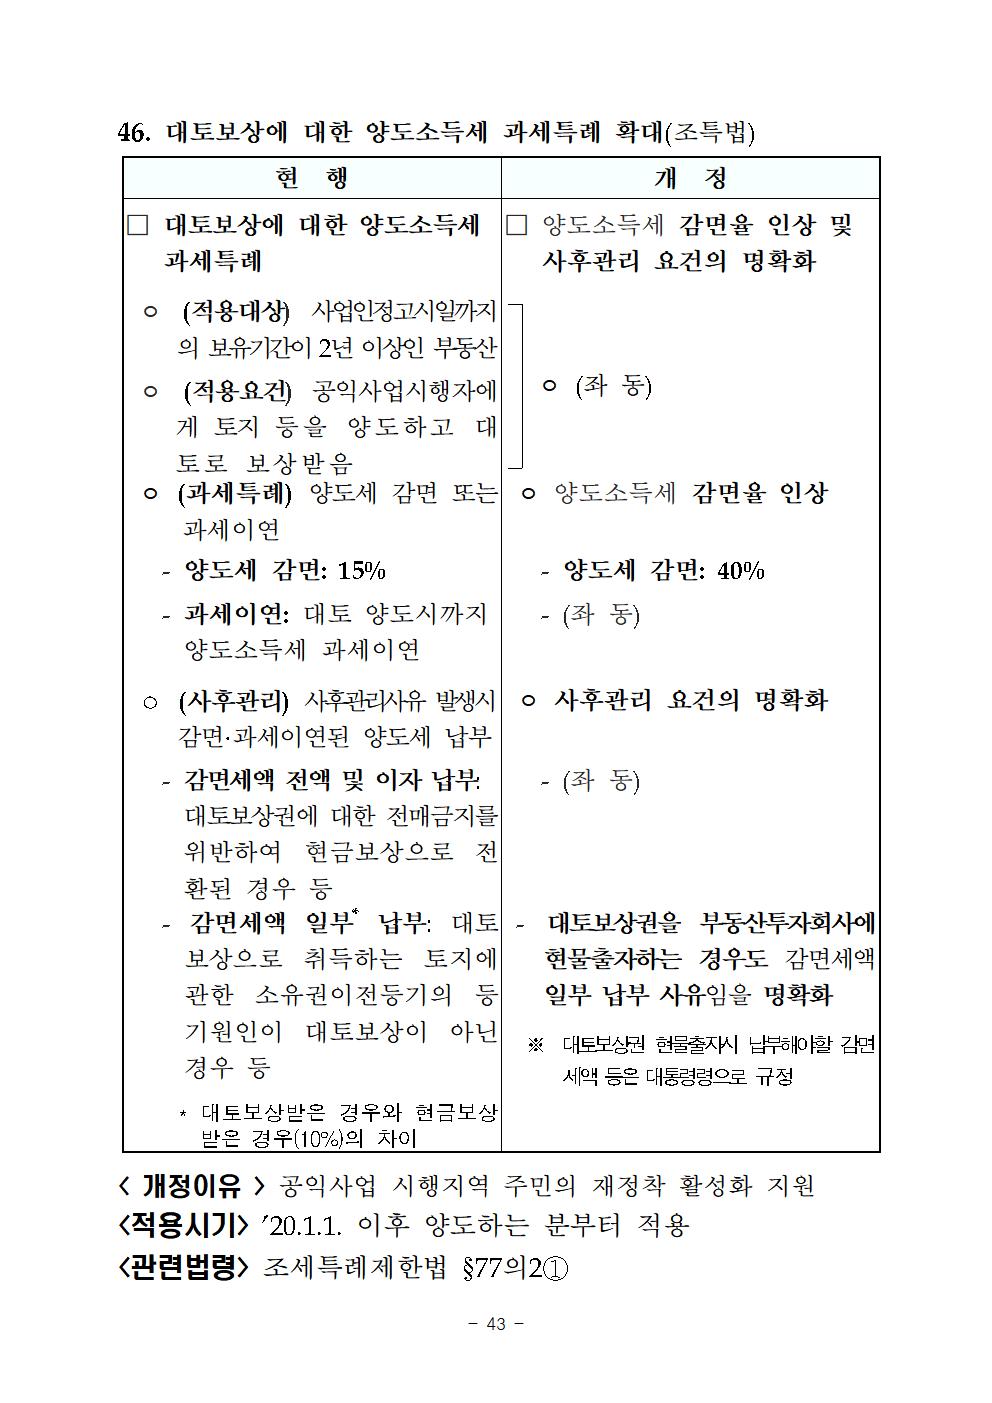 2019년세법개정내용(양도소득세분야)048.png